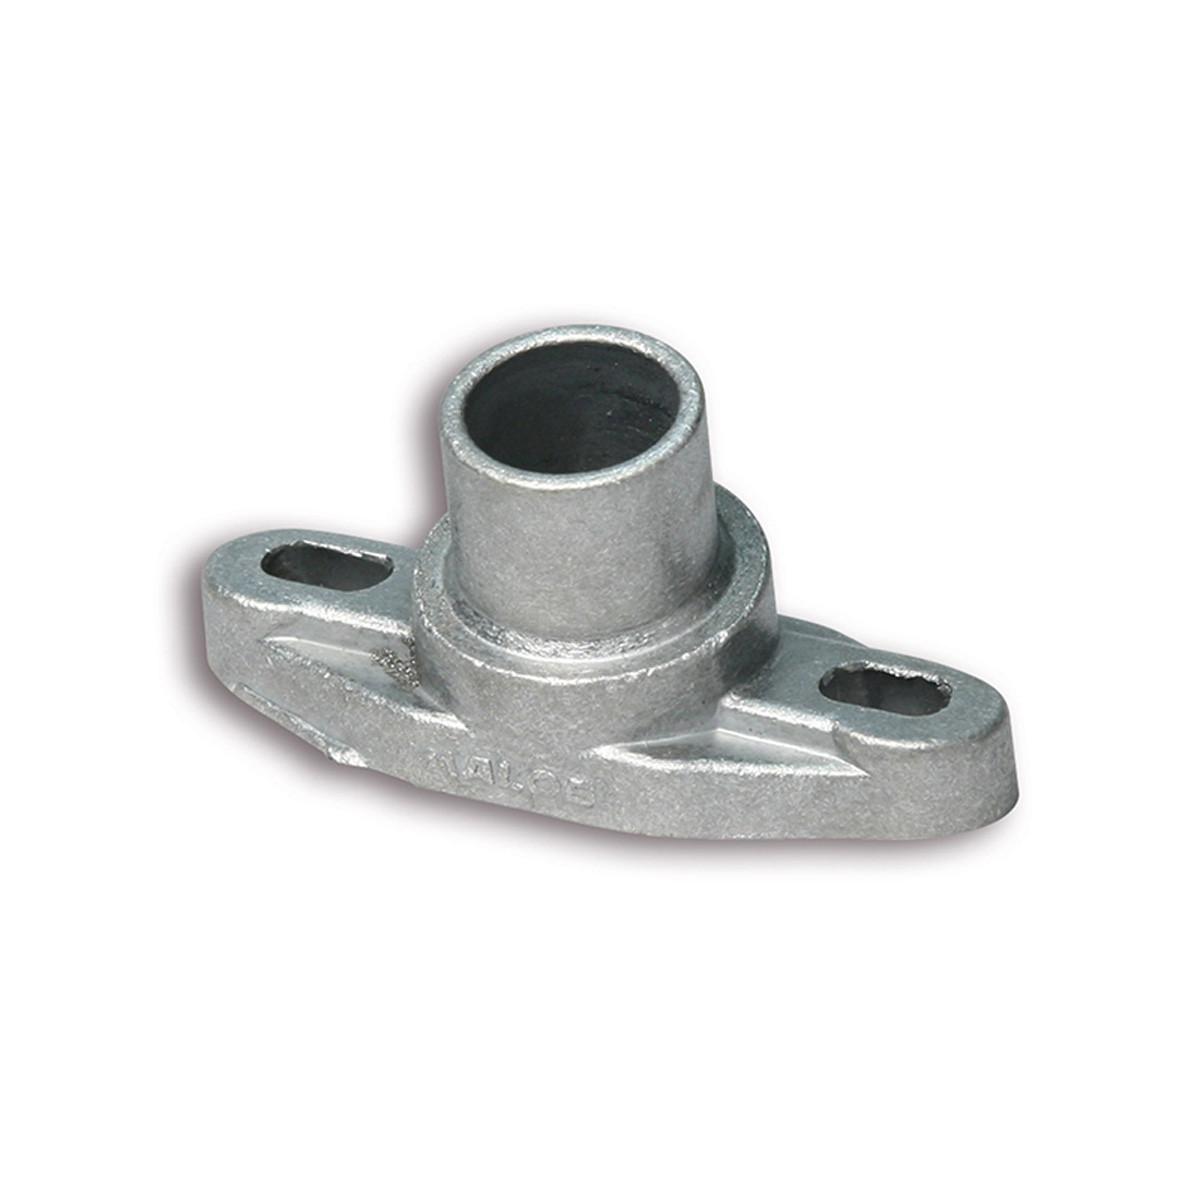 Pipe Admission Motobécane Motoconfort 40 50 88 - 15 / 16mm AV7 - Malossi